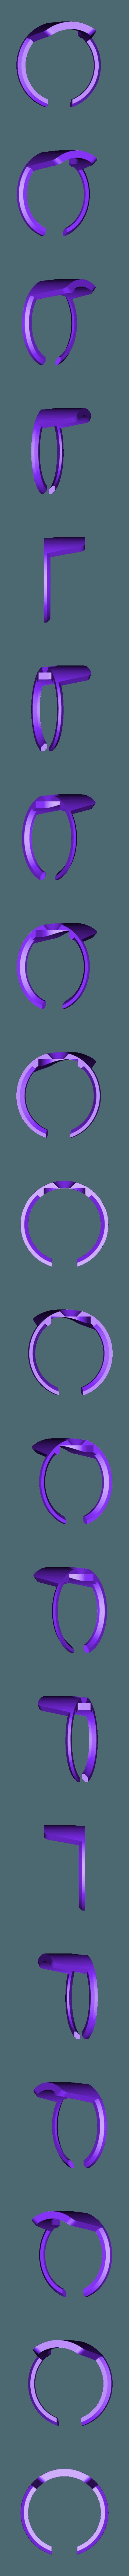 speaker-clip.stl Télécharger fichier STL gratuit Etai Light Up • Modèle pour impression 3D, Adafruit